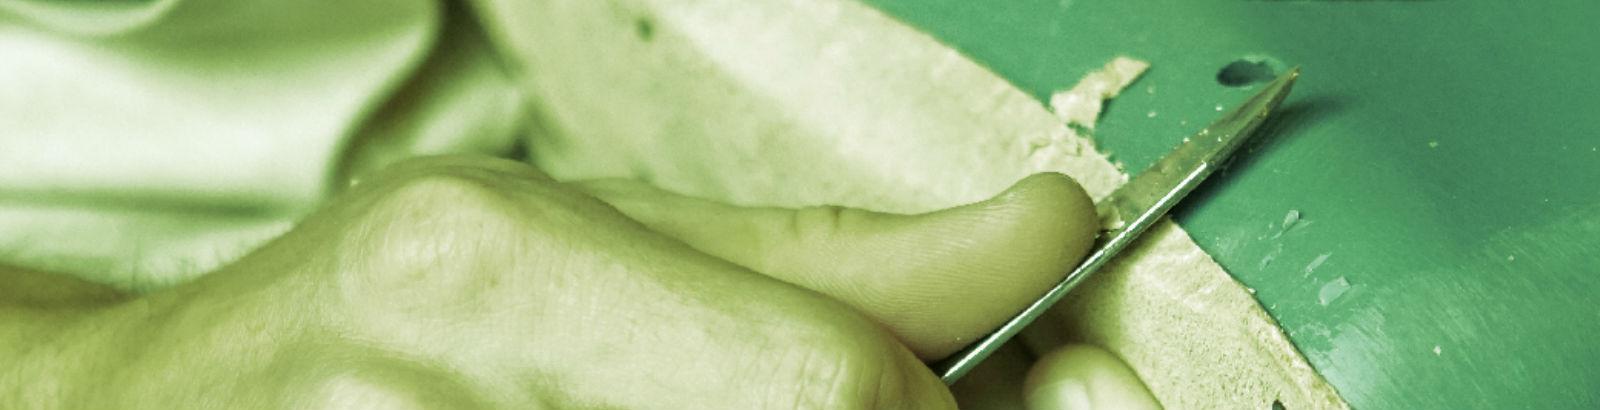 Gestão e Ecodesign de Calçados - Módulo IV